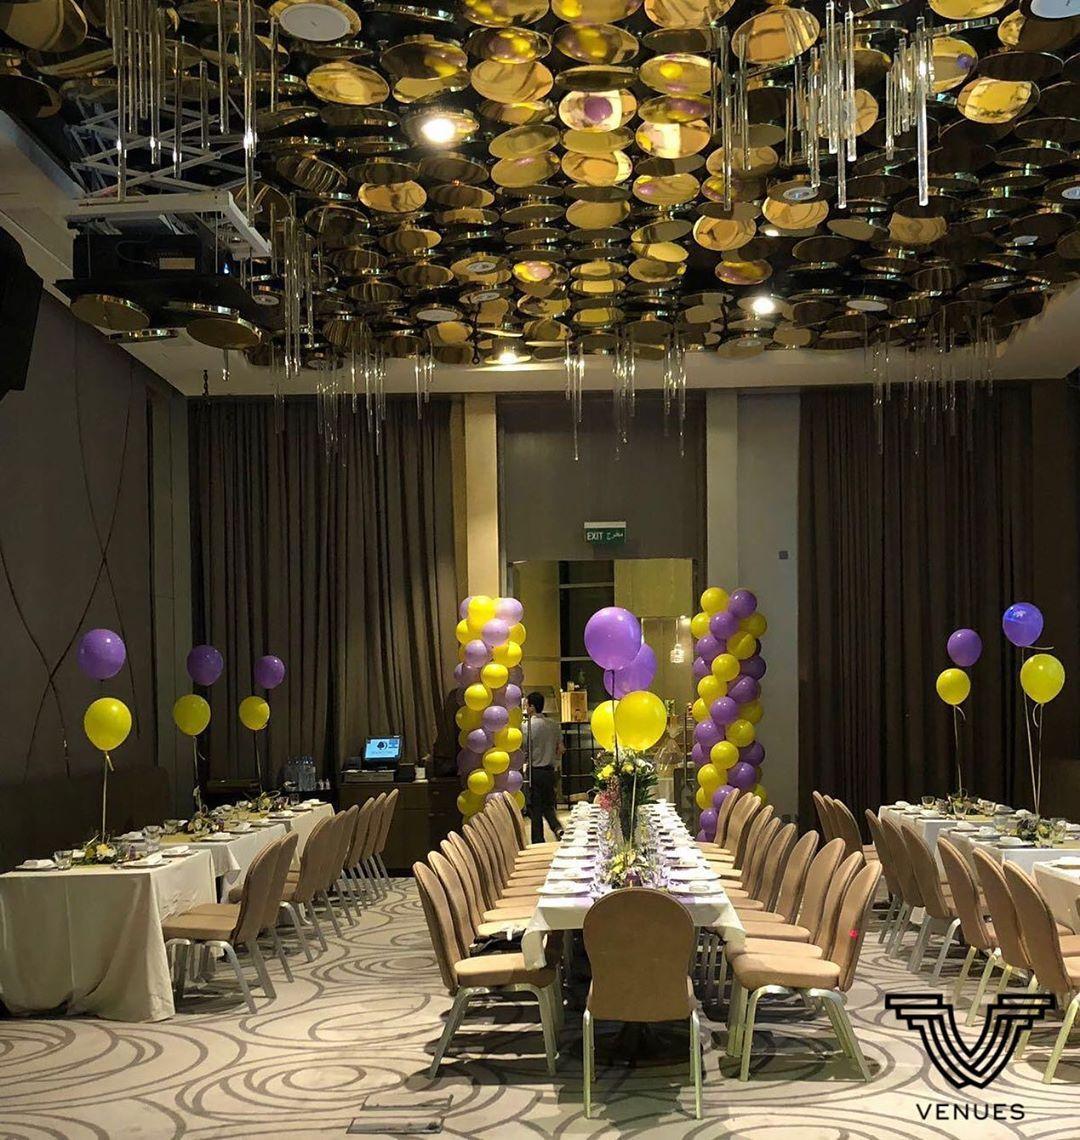 Venues Hotels المكان دبل تري هيلتون السعر للشخص 120 ريال قطري للبوفيه سعة القاعة 160 شخص اذا حجزتو ل 50 شخص او اكثر يعطون Doha Table Decorations Honeymoon